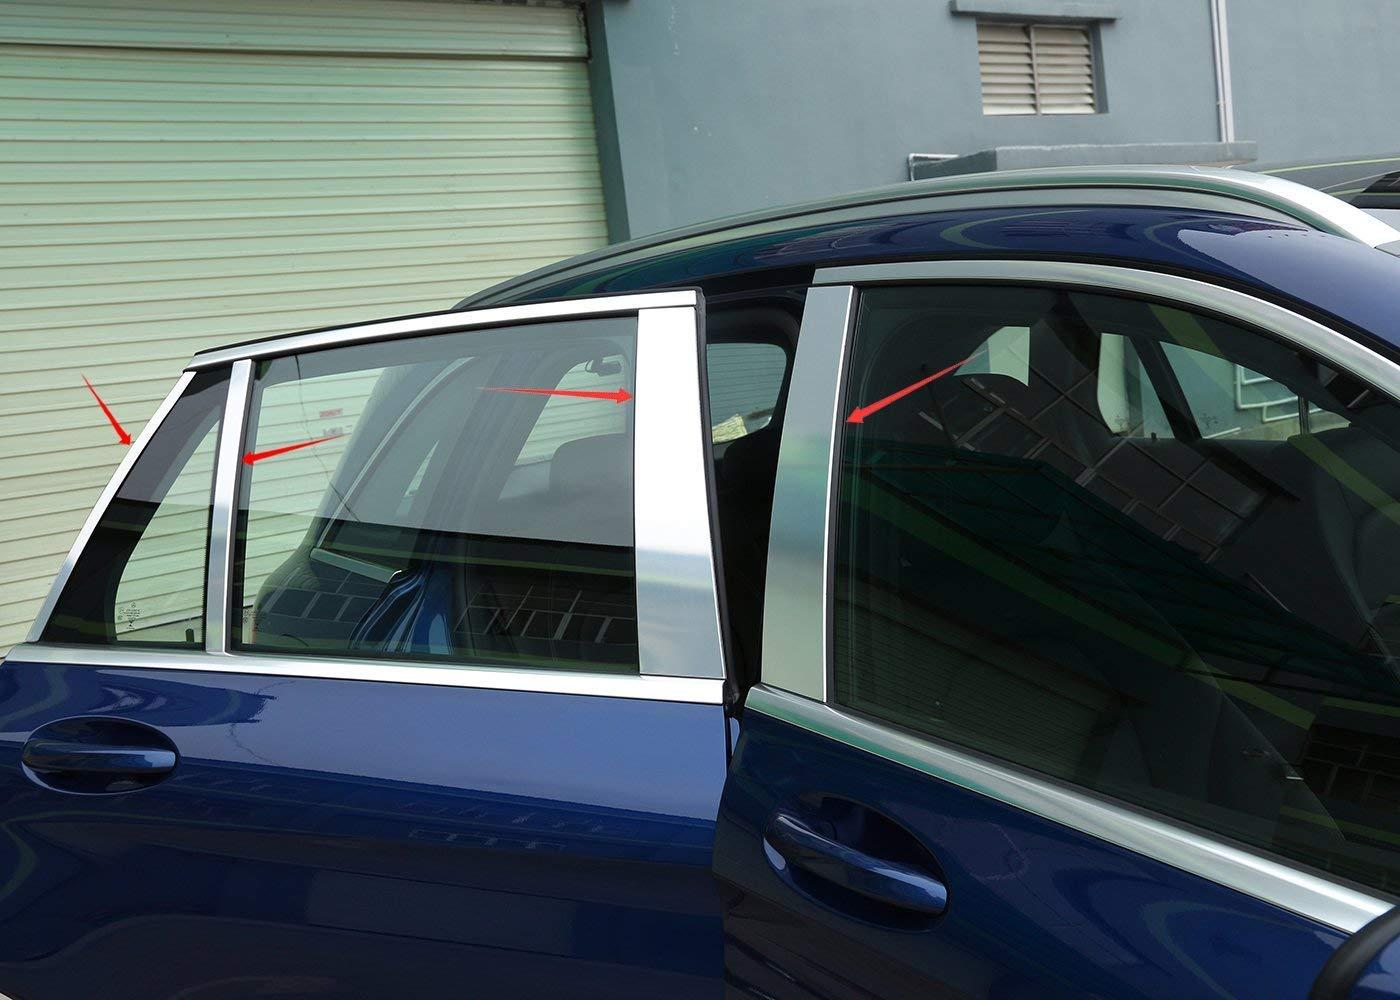 Accesorios exteriores de aleación de aluminio de carbono, 4 puertas, sedán pulido, kit de decoración para poste de pilar, marco de cubierta, accesorio para ...